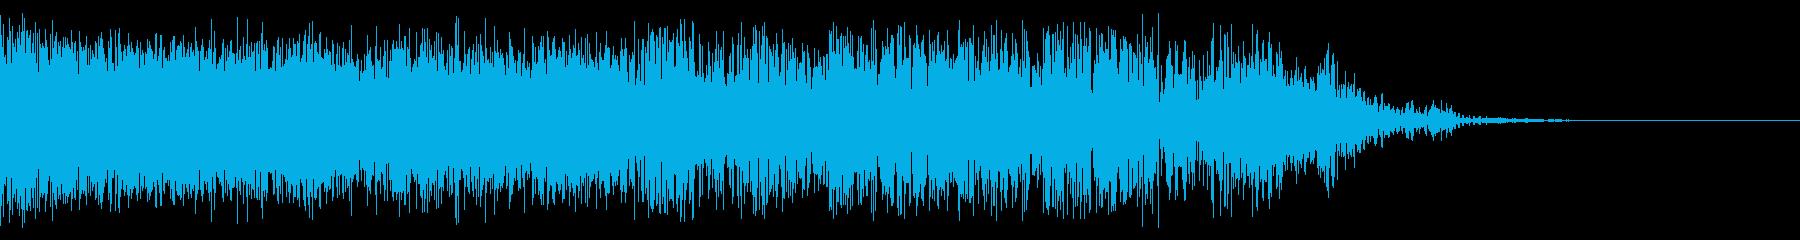 ロングホローザップの再生済みの波形